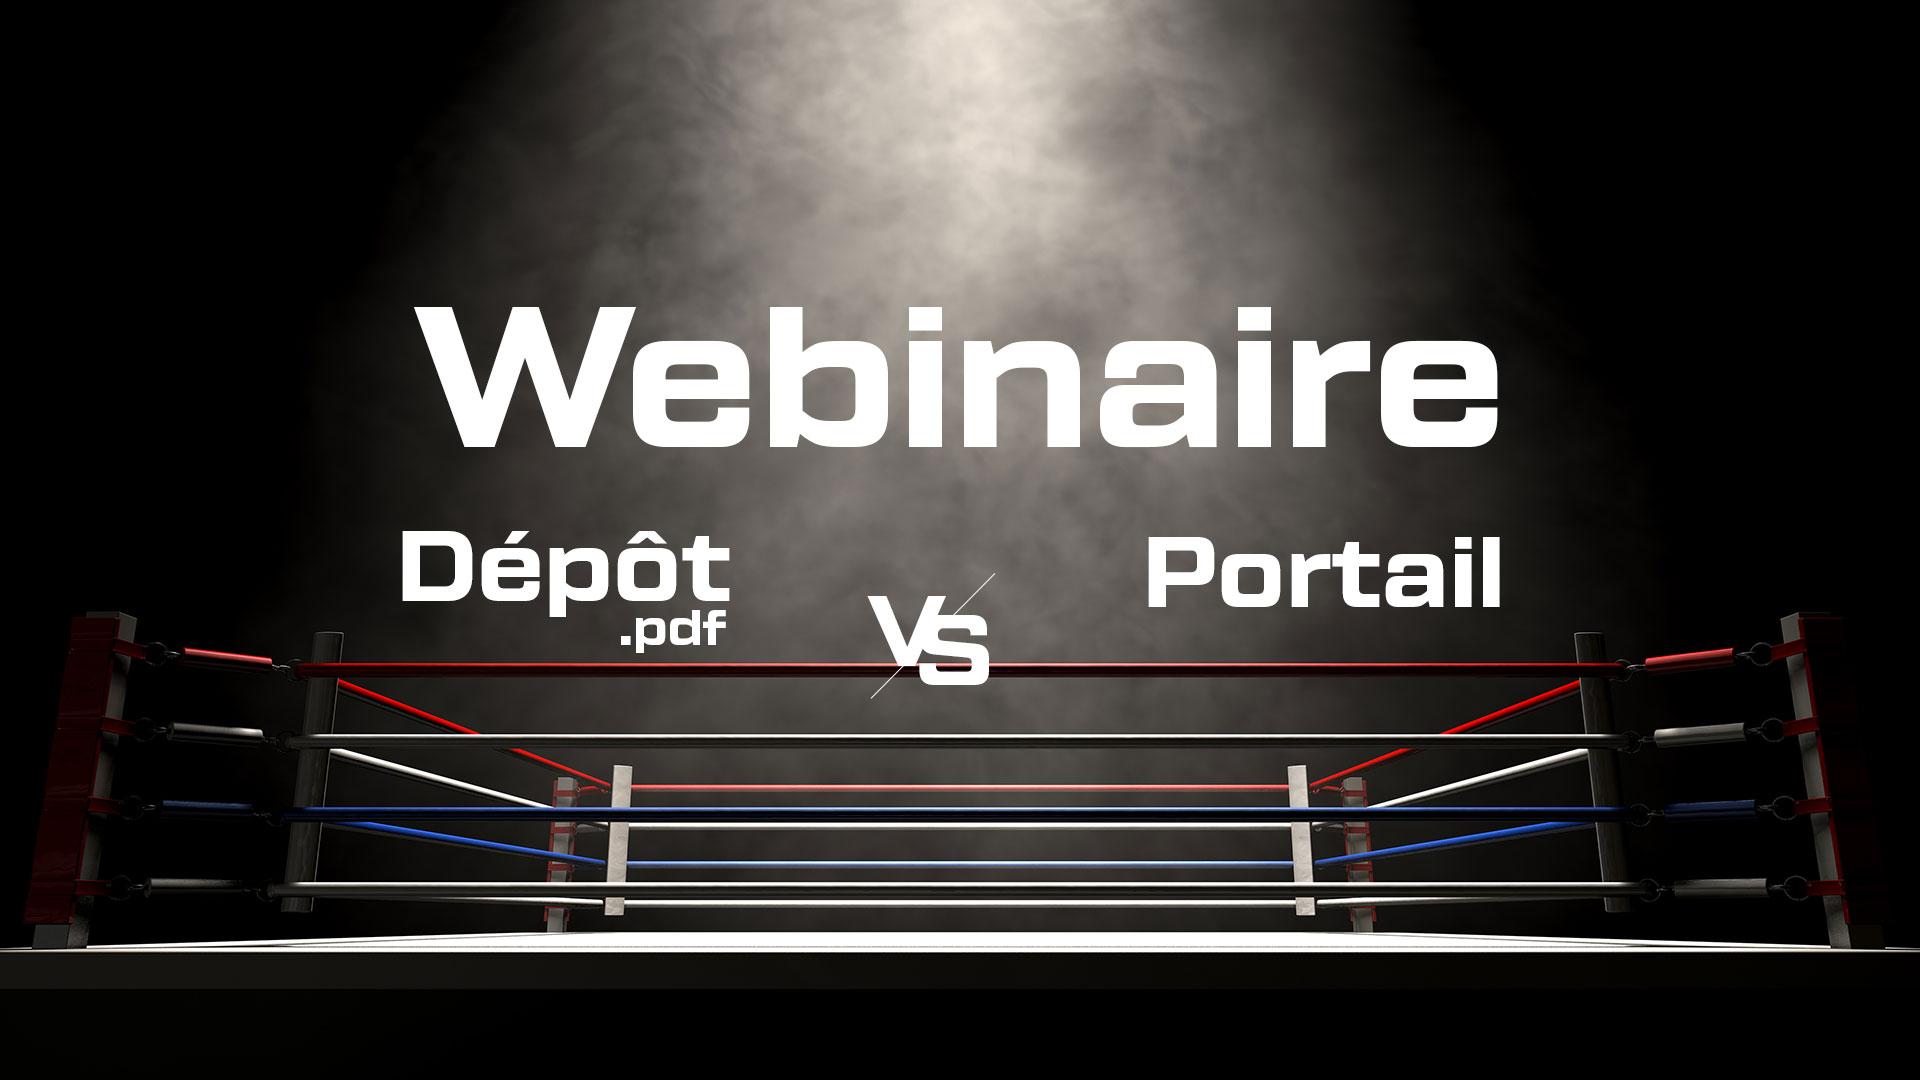 Webinaire comparatif dépôt fichier .pdf VS Portail